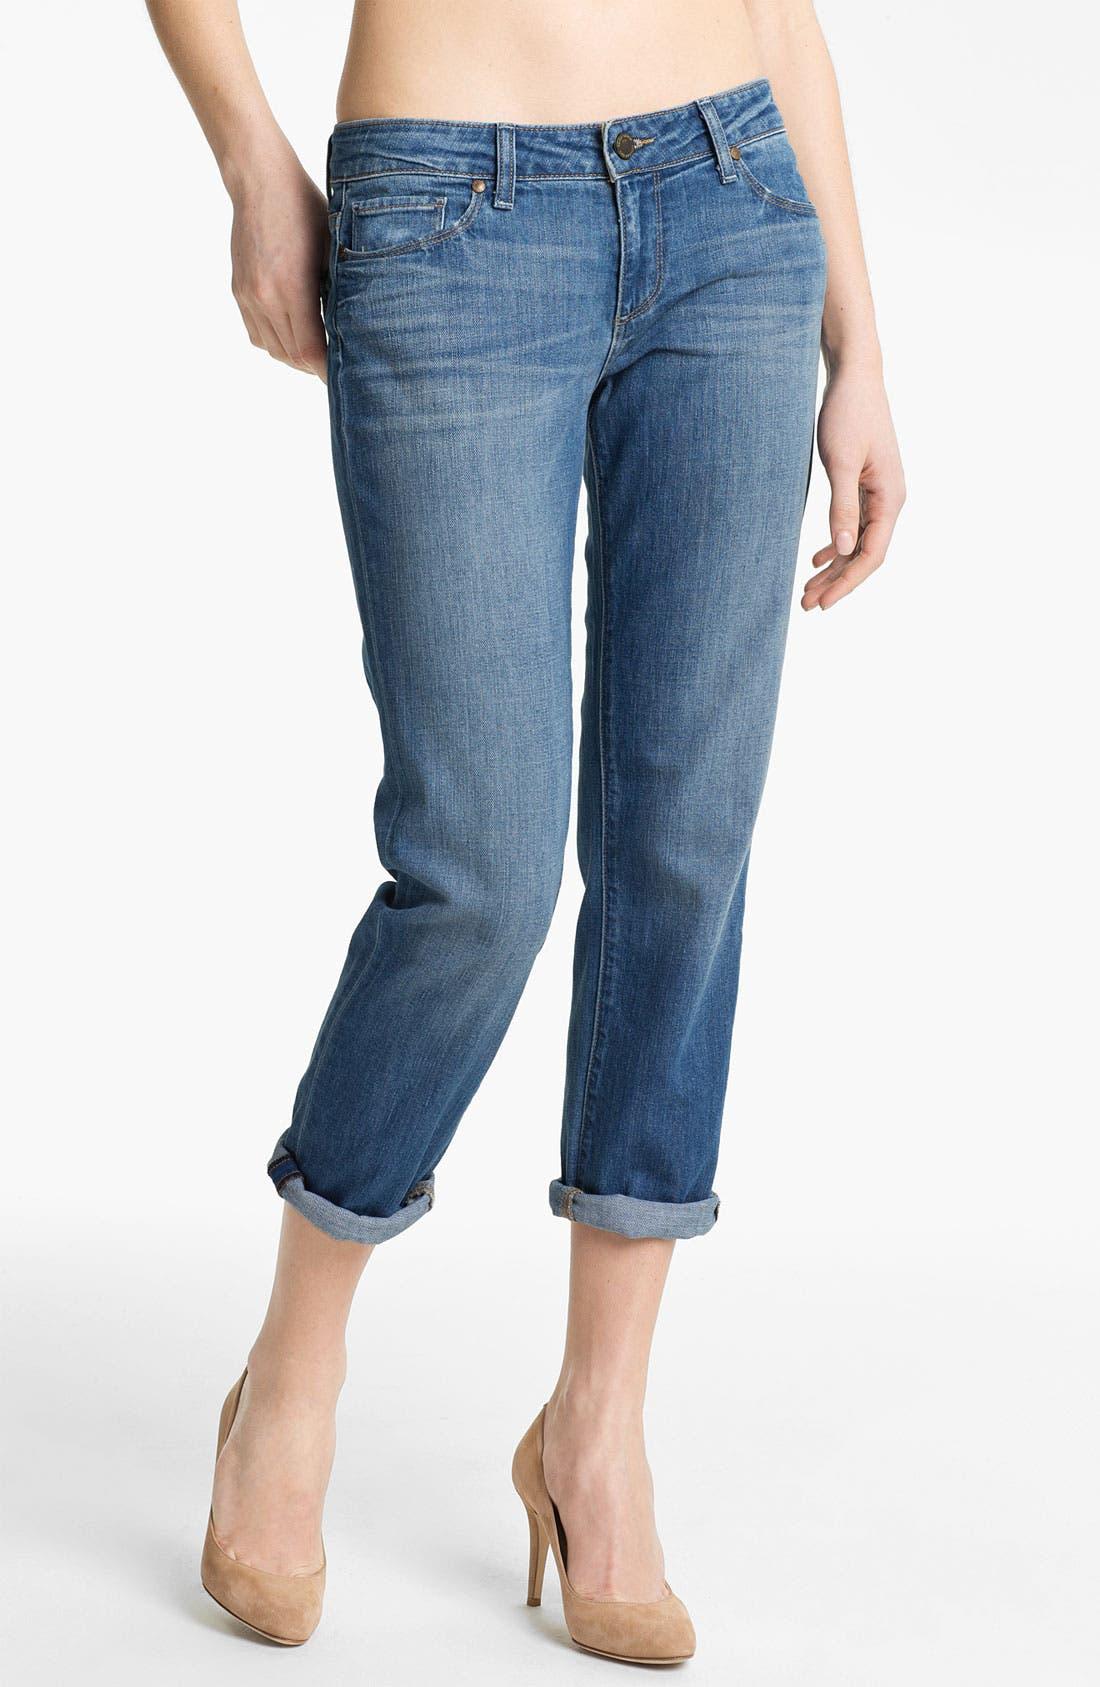 Alternate Image 1 Selected - Paige Denim 'James' Crop Jeans (Harper)